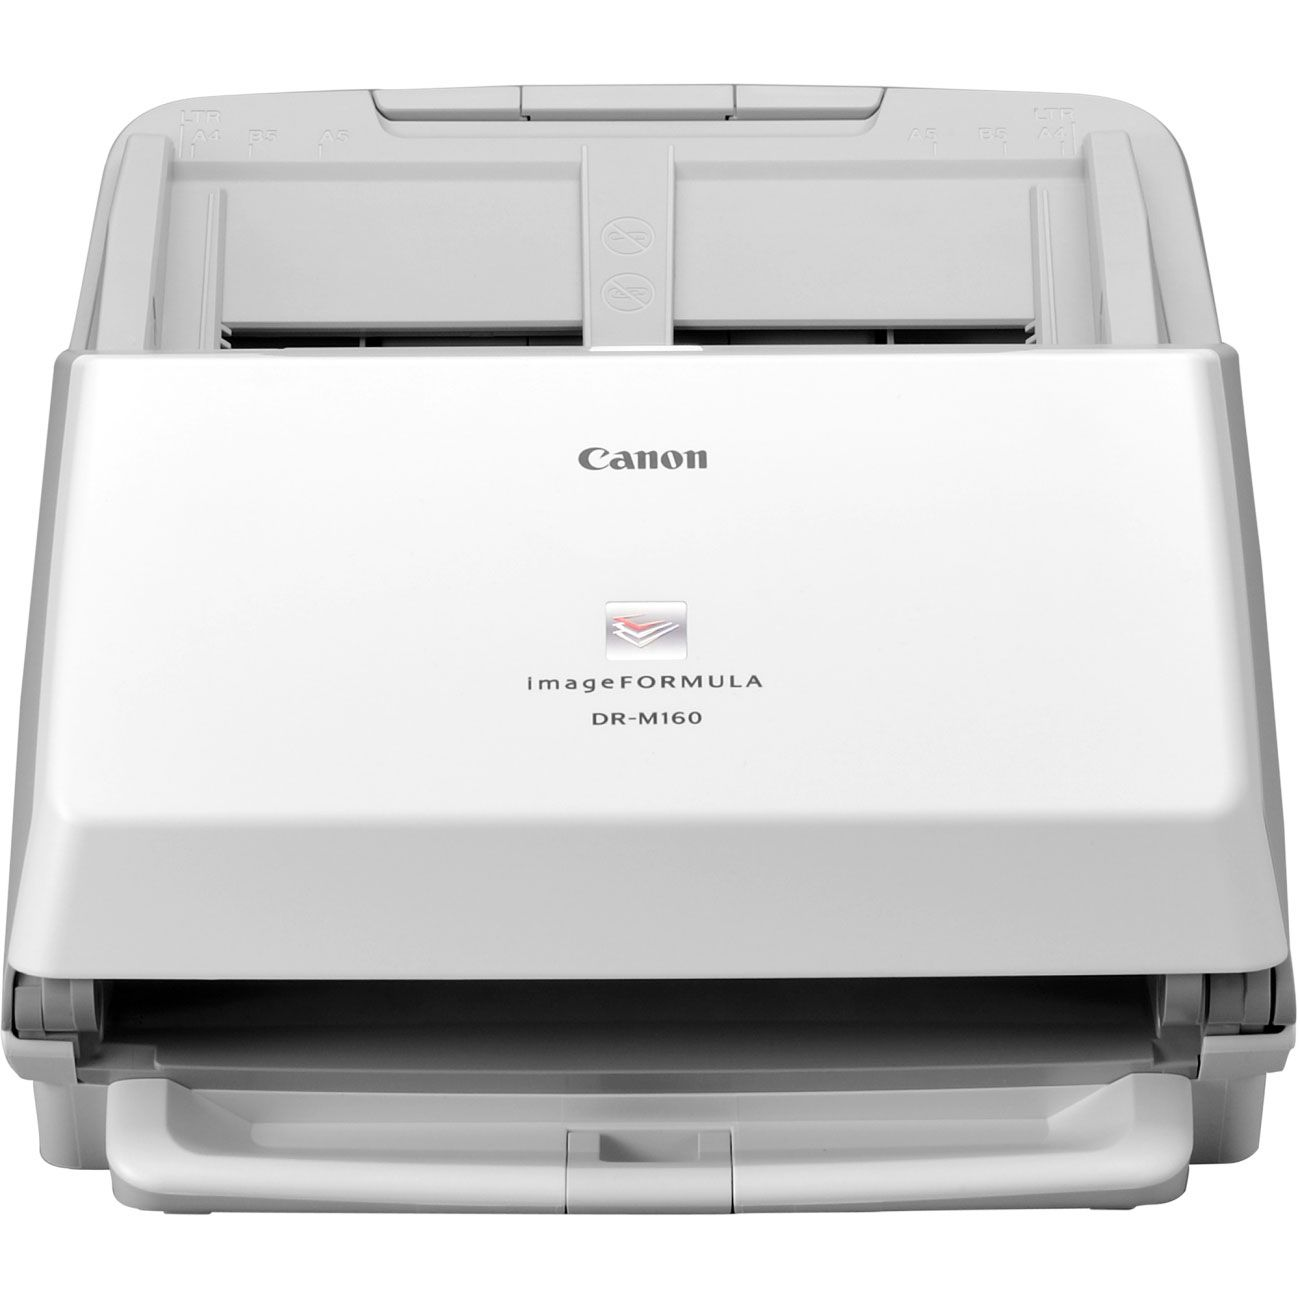 Scanner Canon imageFORMULA DR-M160